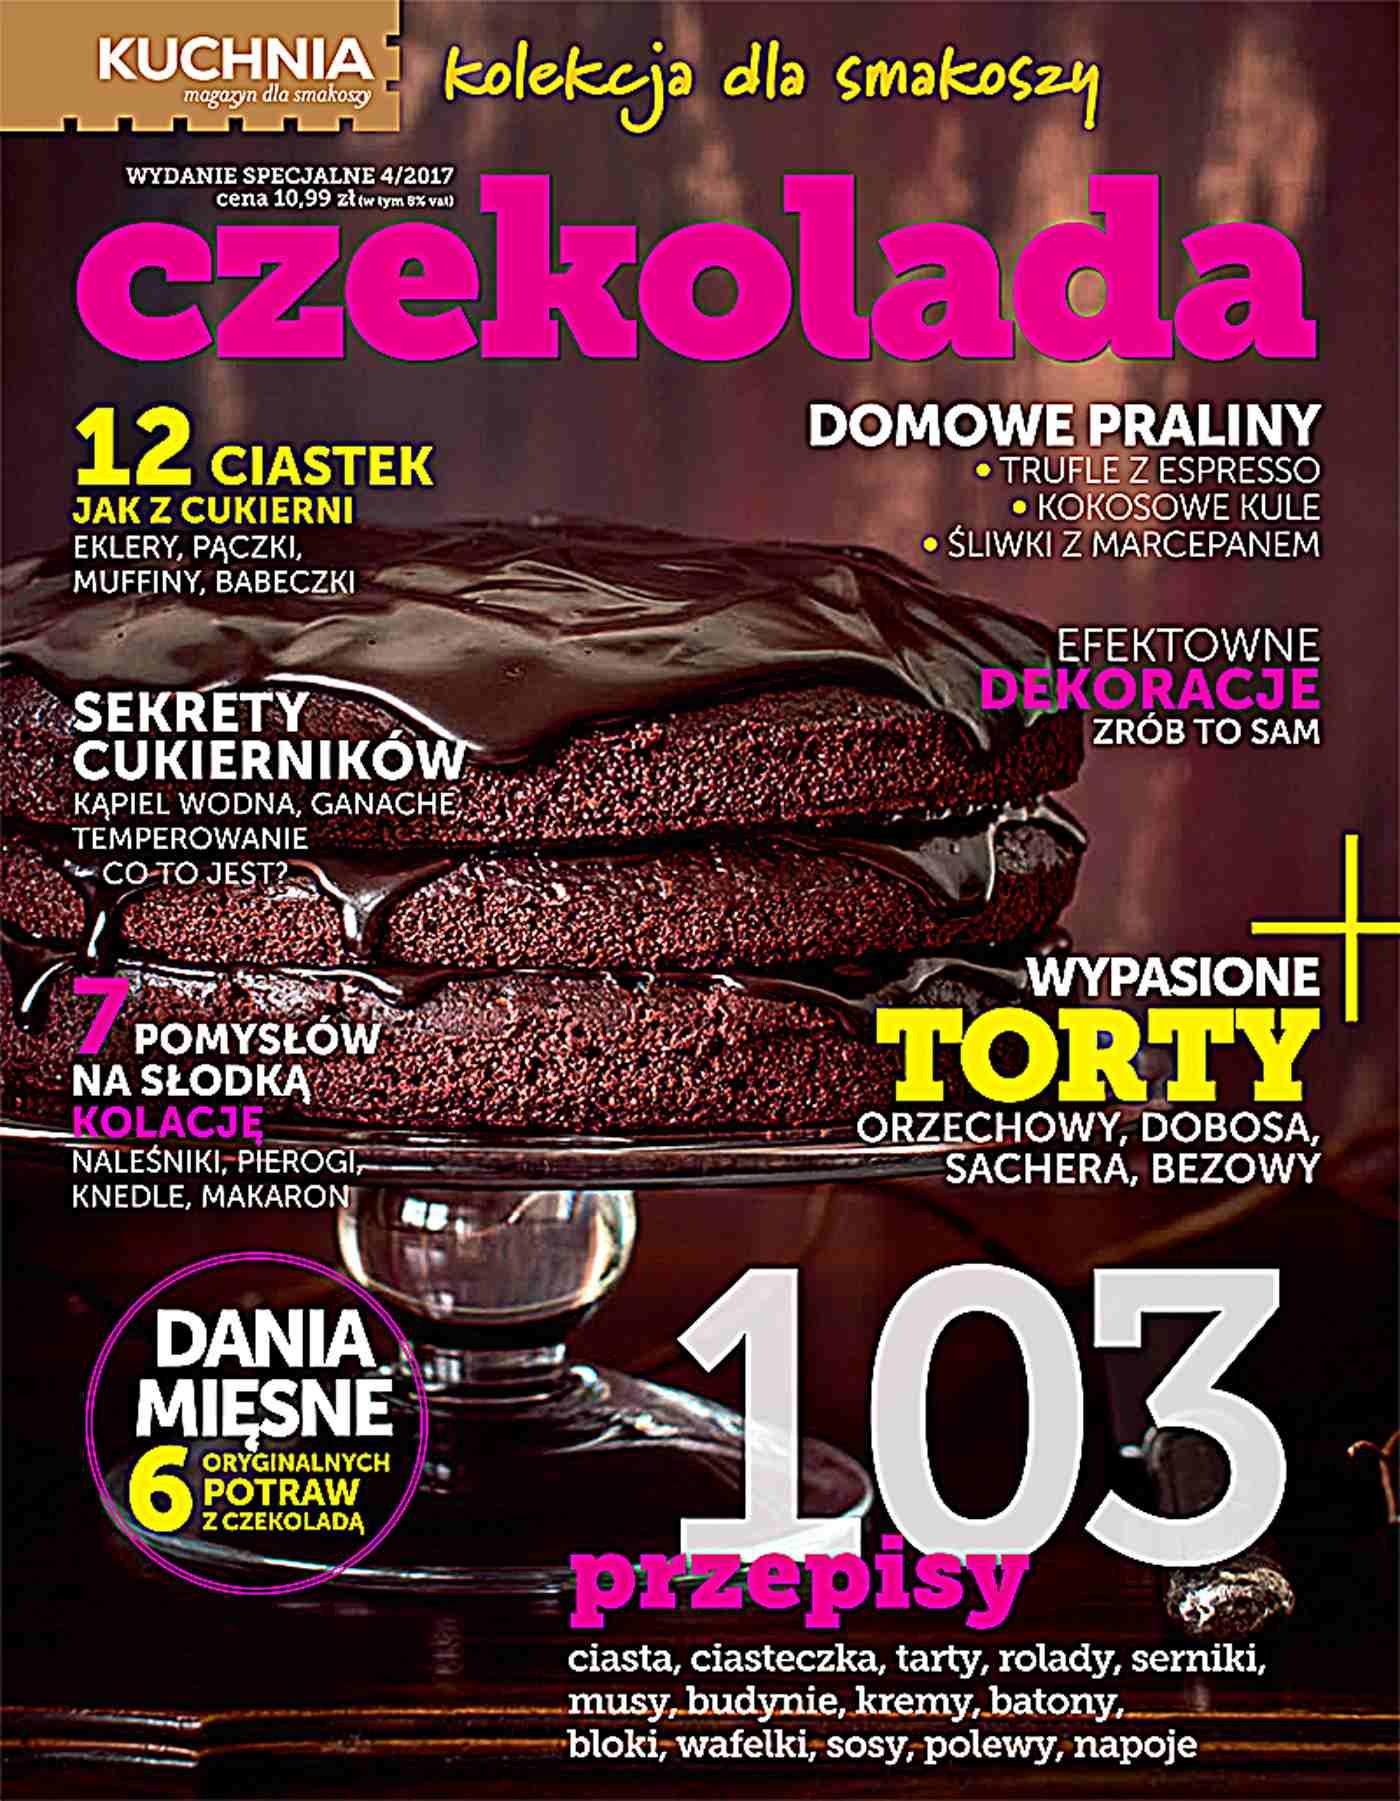 Kuchnia. Kolekcja dla smakoszy 4/2017 Czekolada - Ebook (Książka PDF) do pobrania w formacie PDF